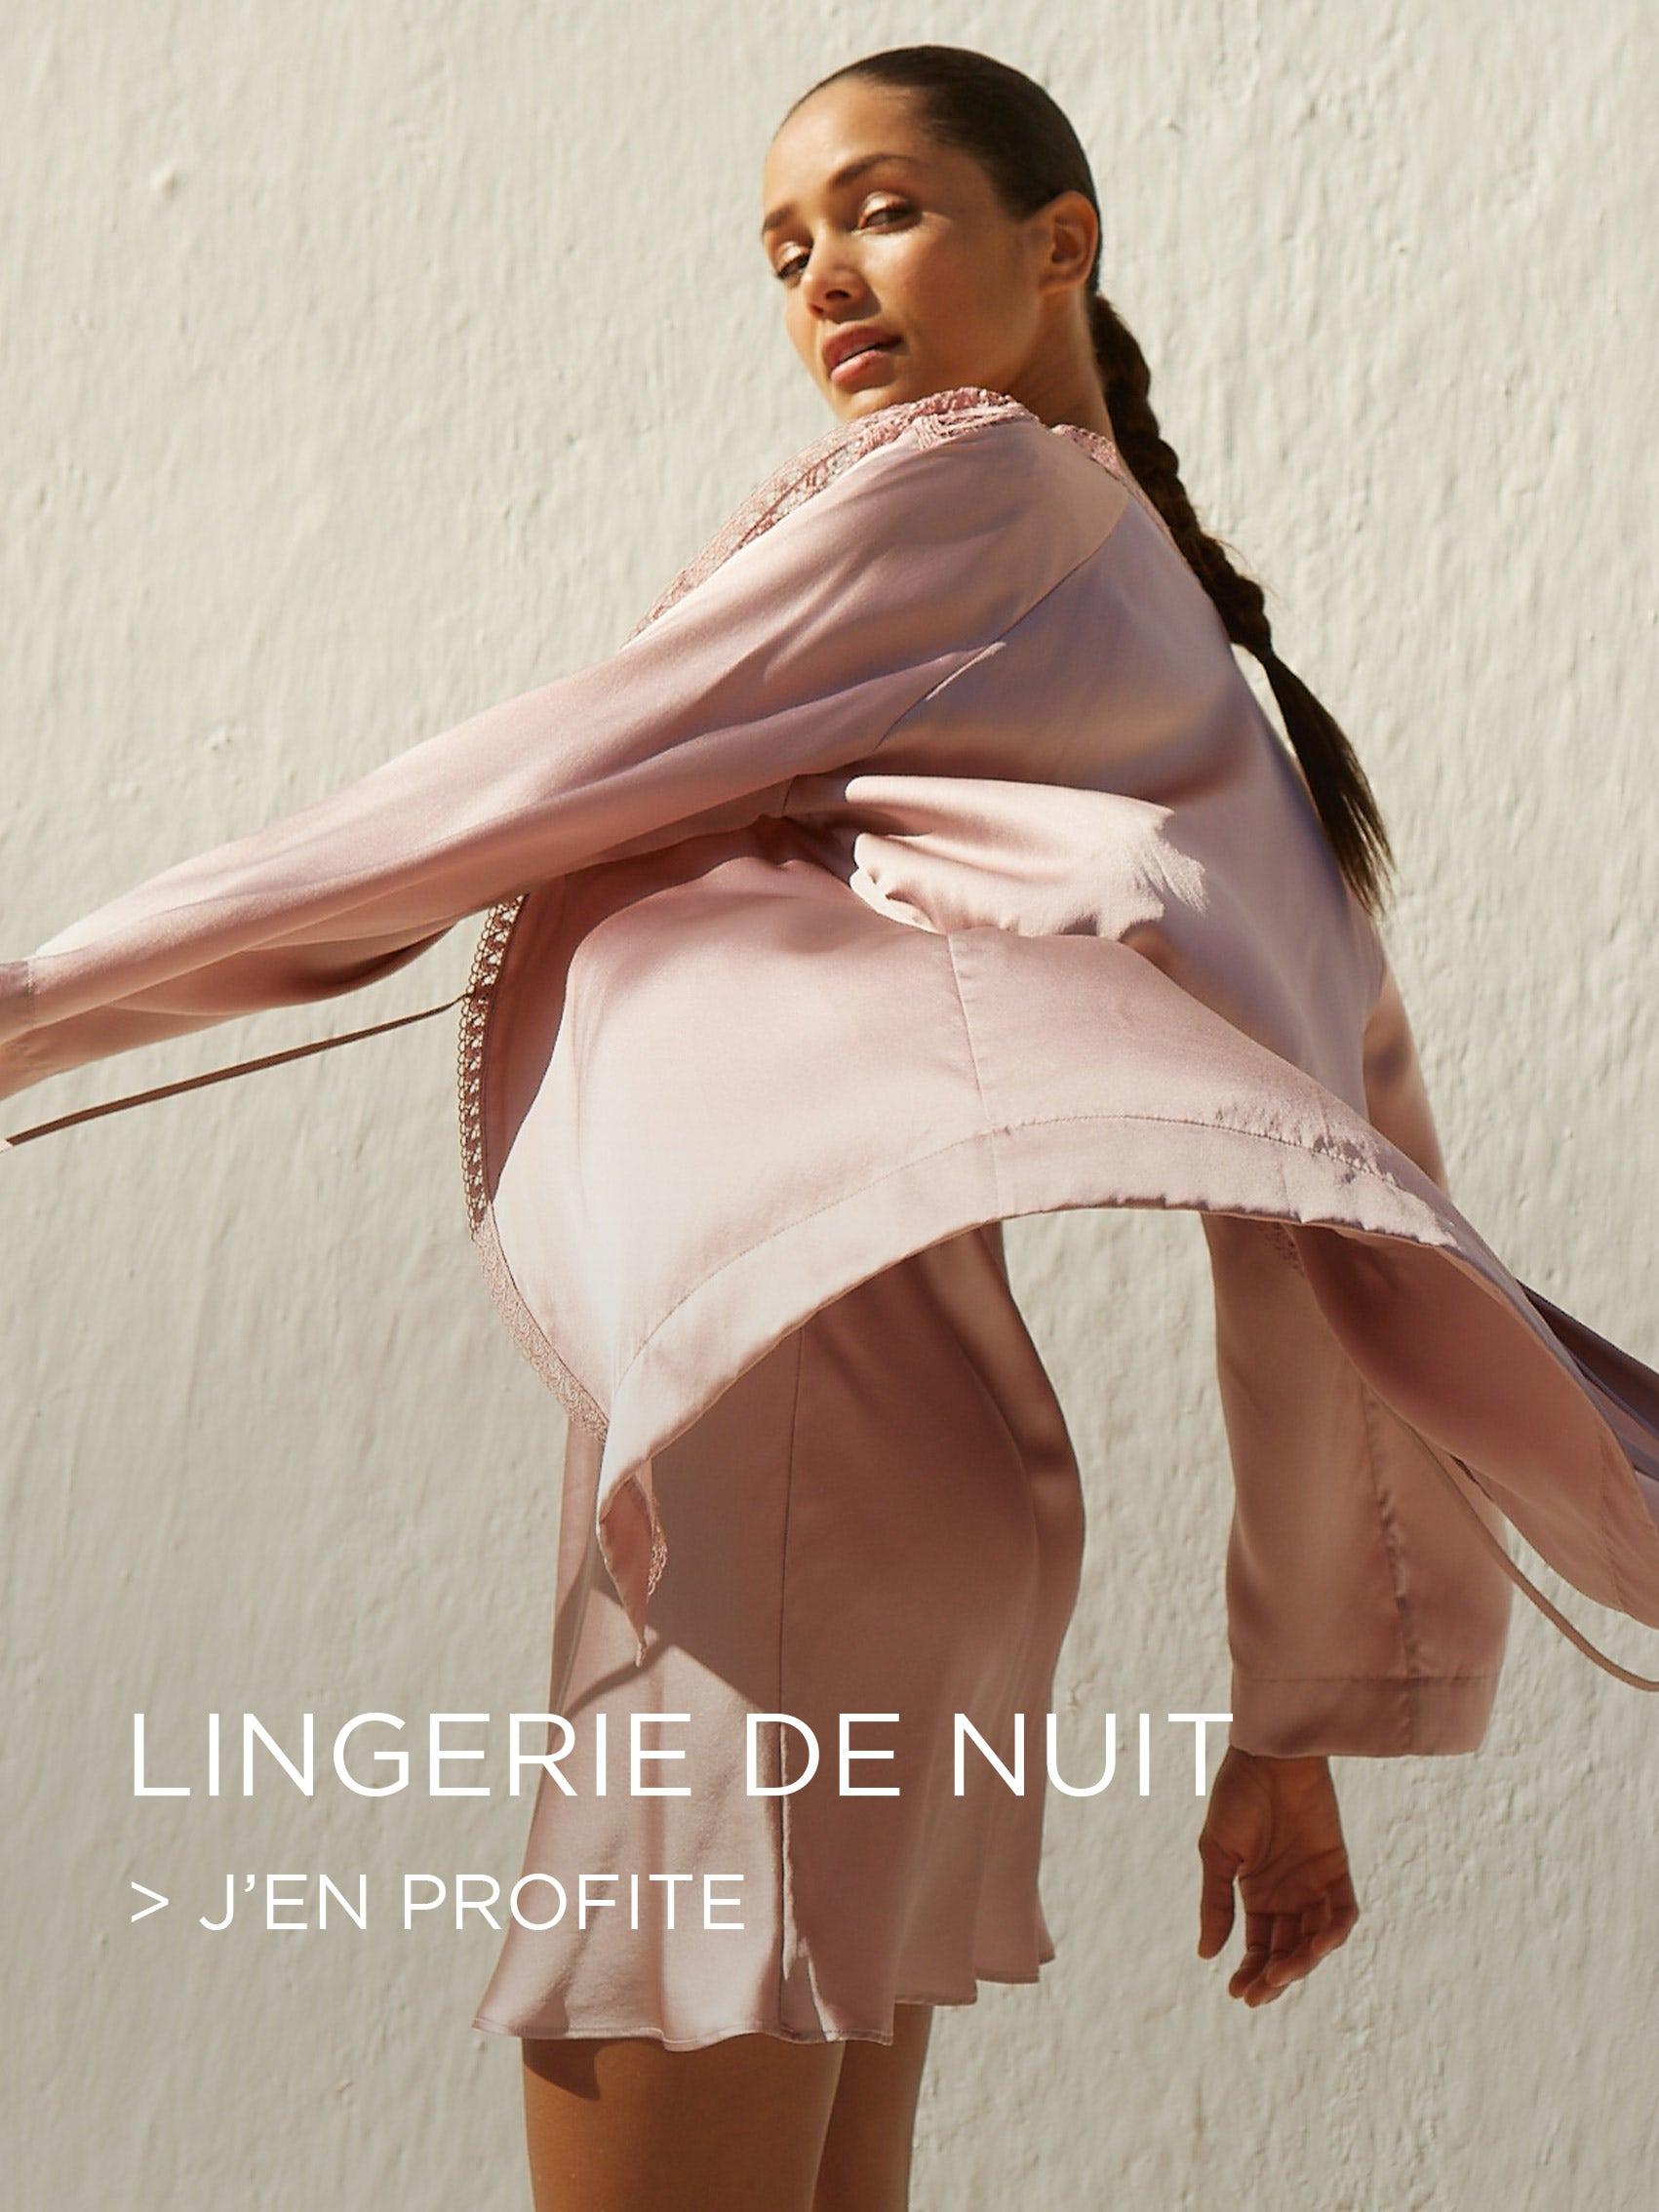 Lingerie de nuit | Simone Pérèle